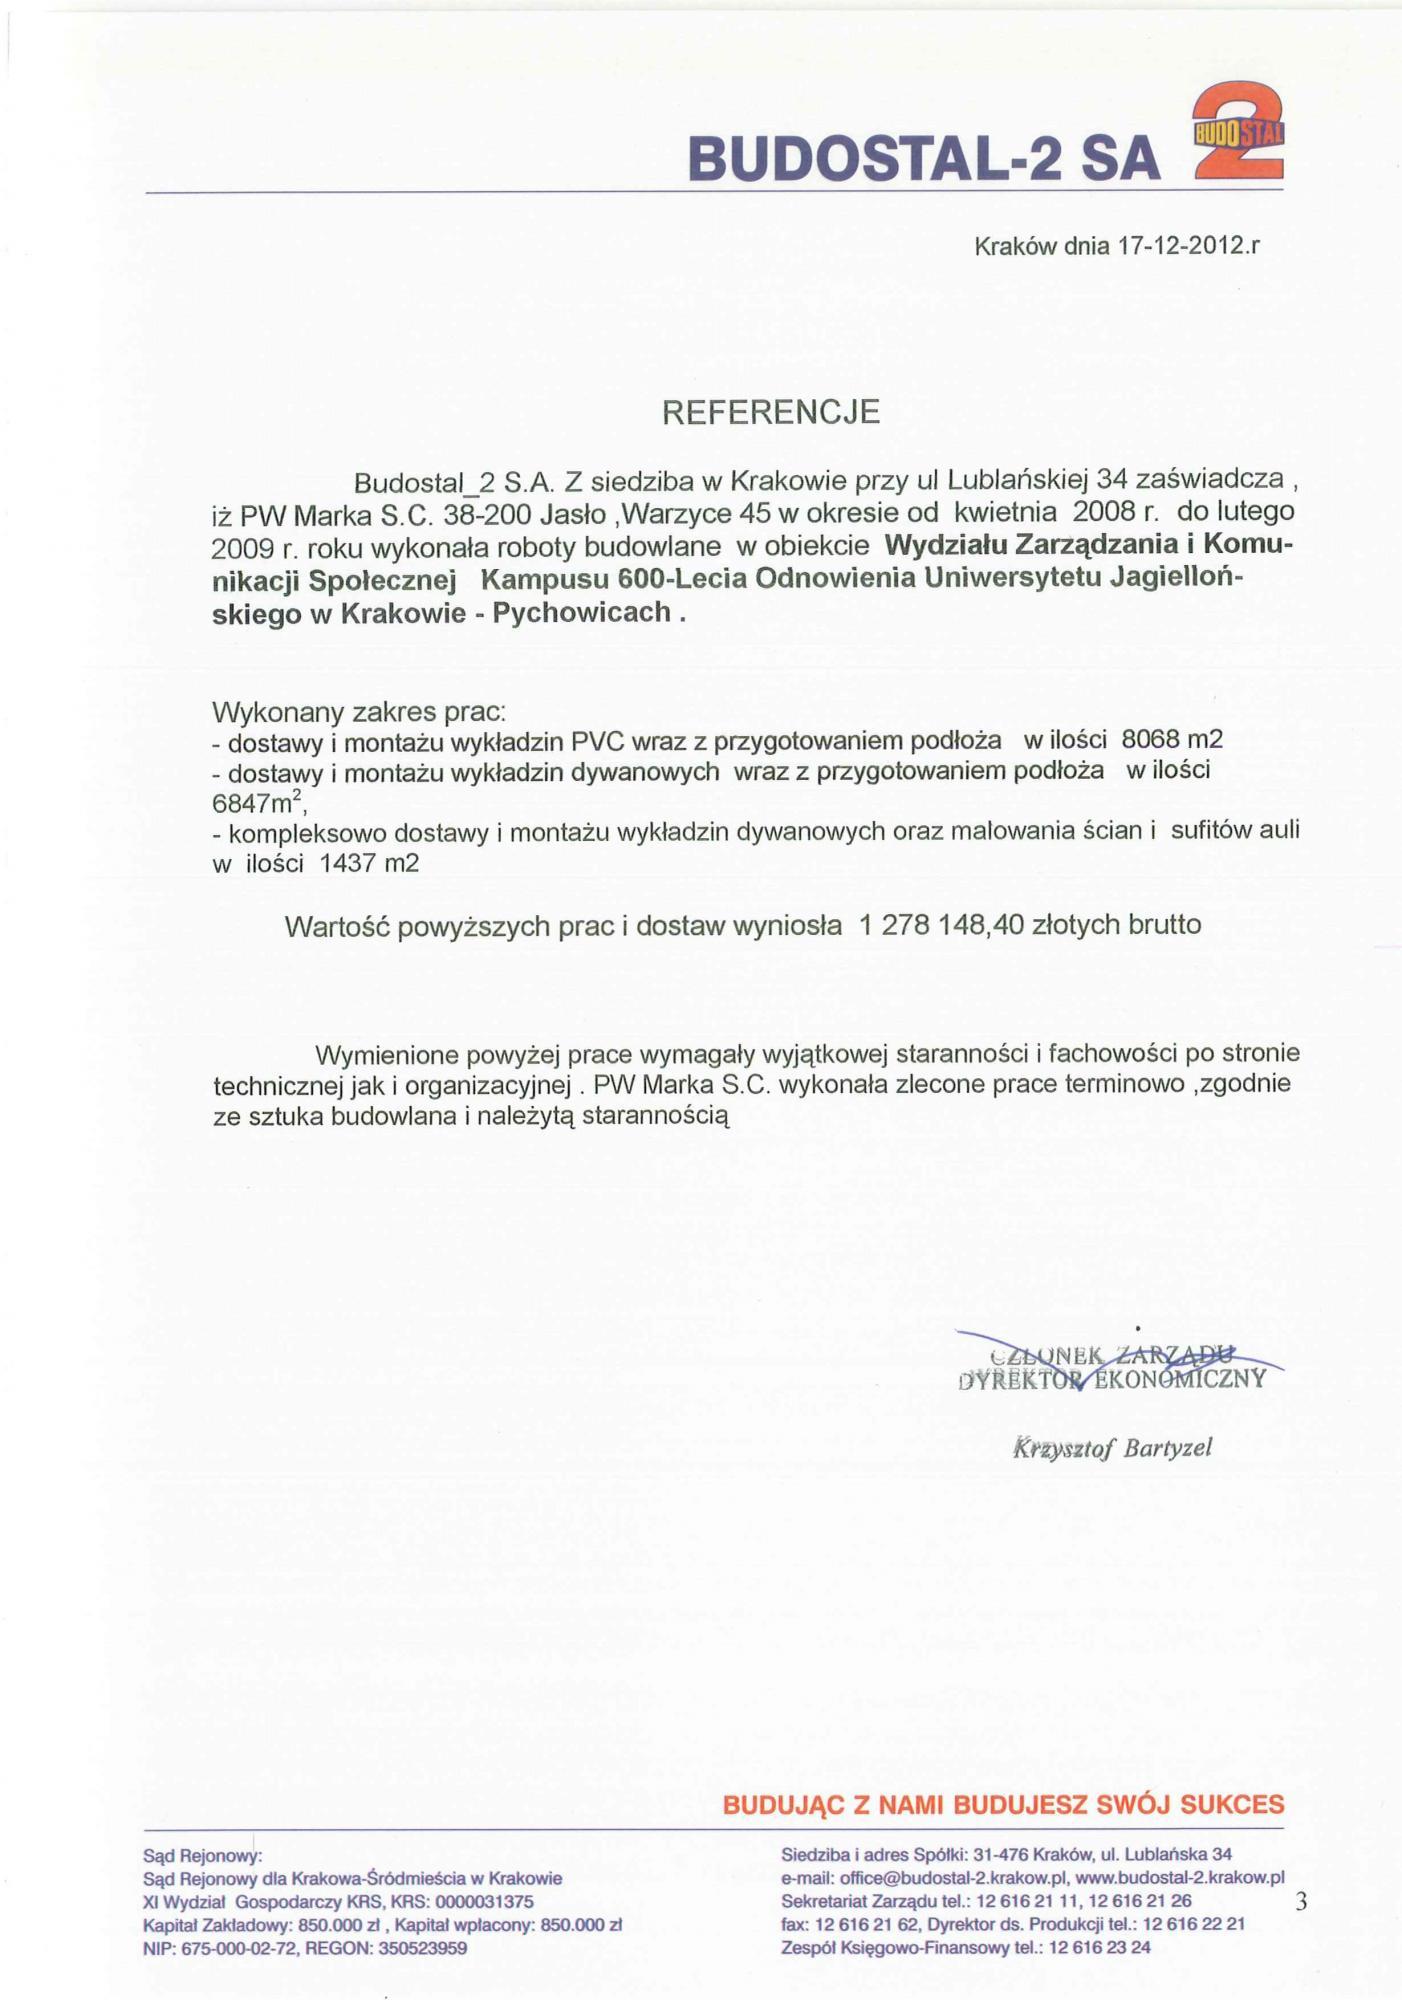 Referencje UJ Zarządzanie 2012